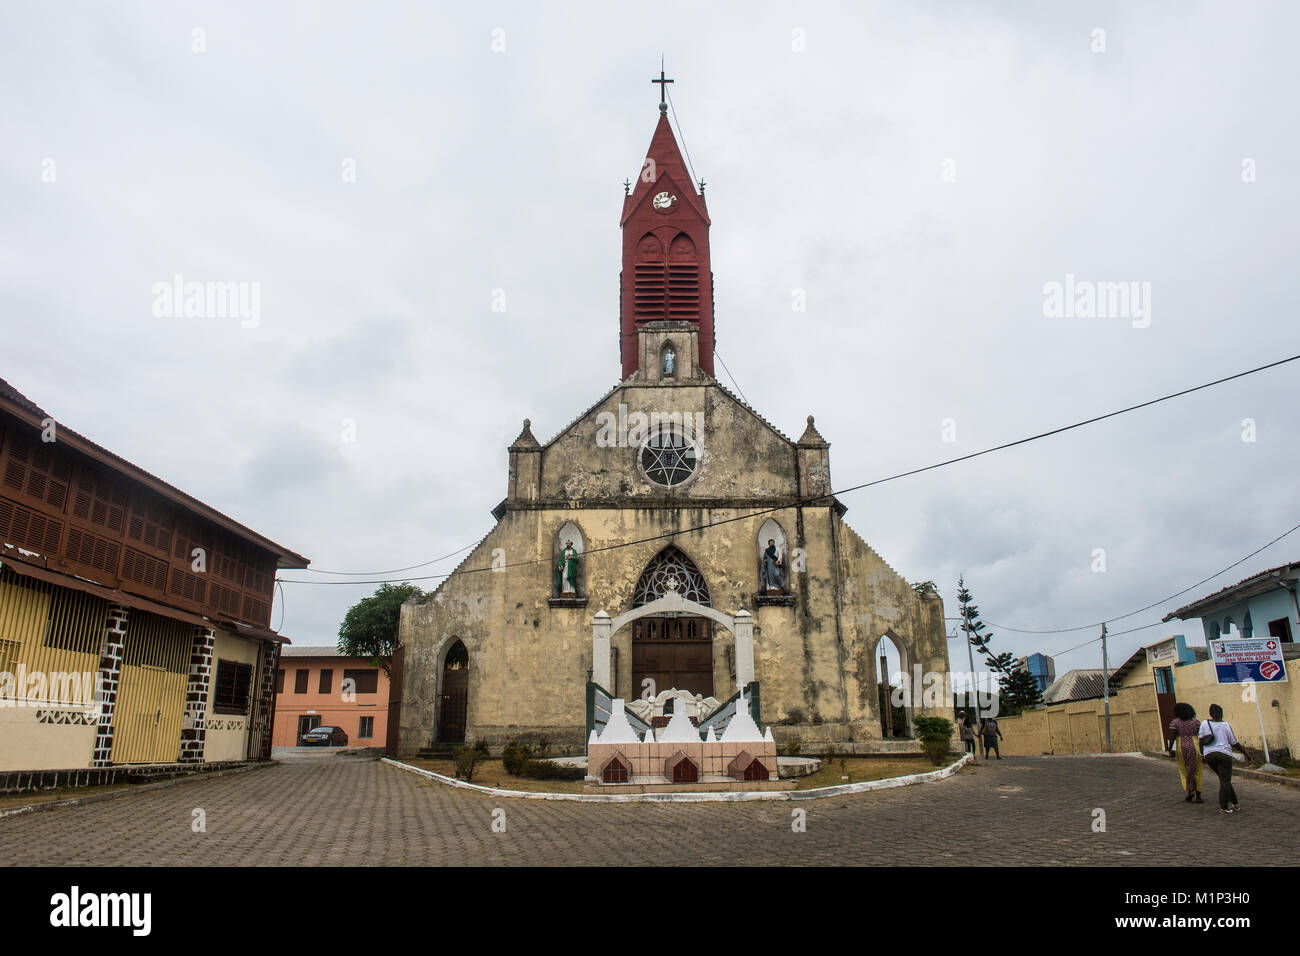 Gabon People Stockfotos Und Bilder Kaufen Alamy